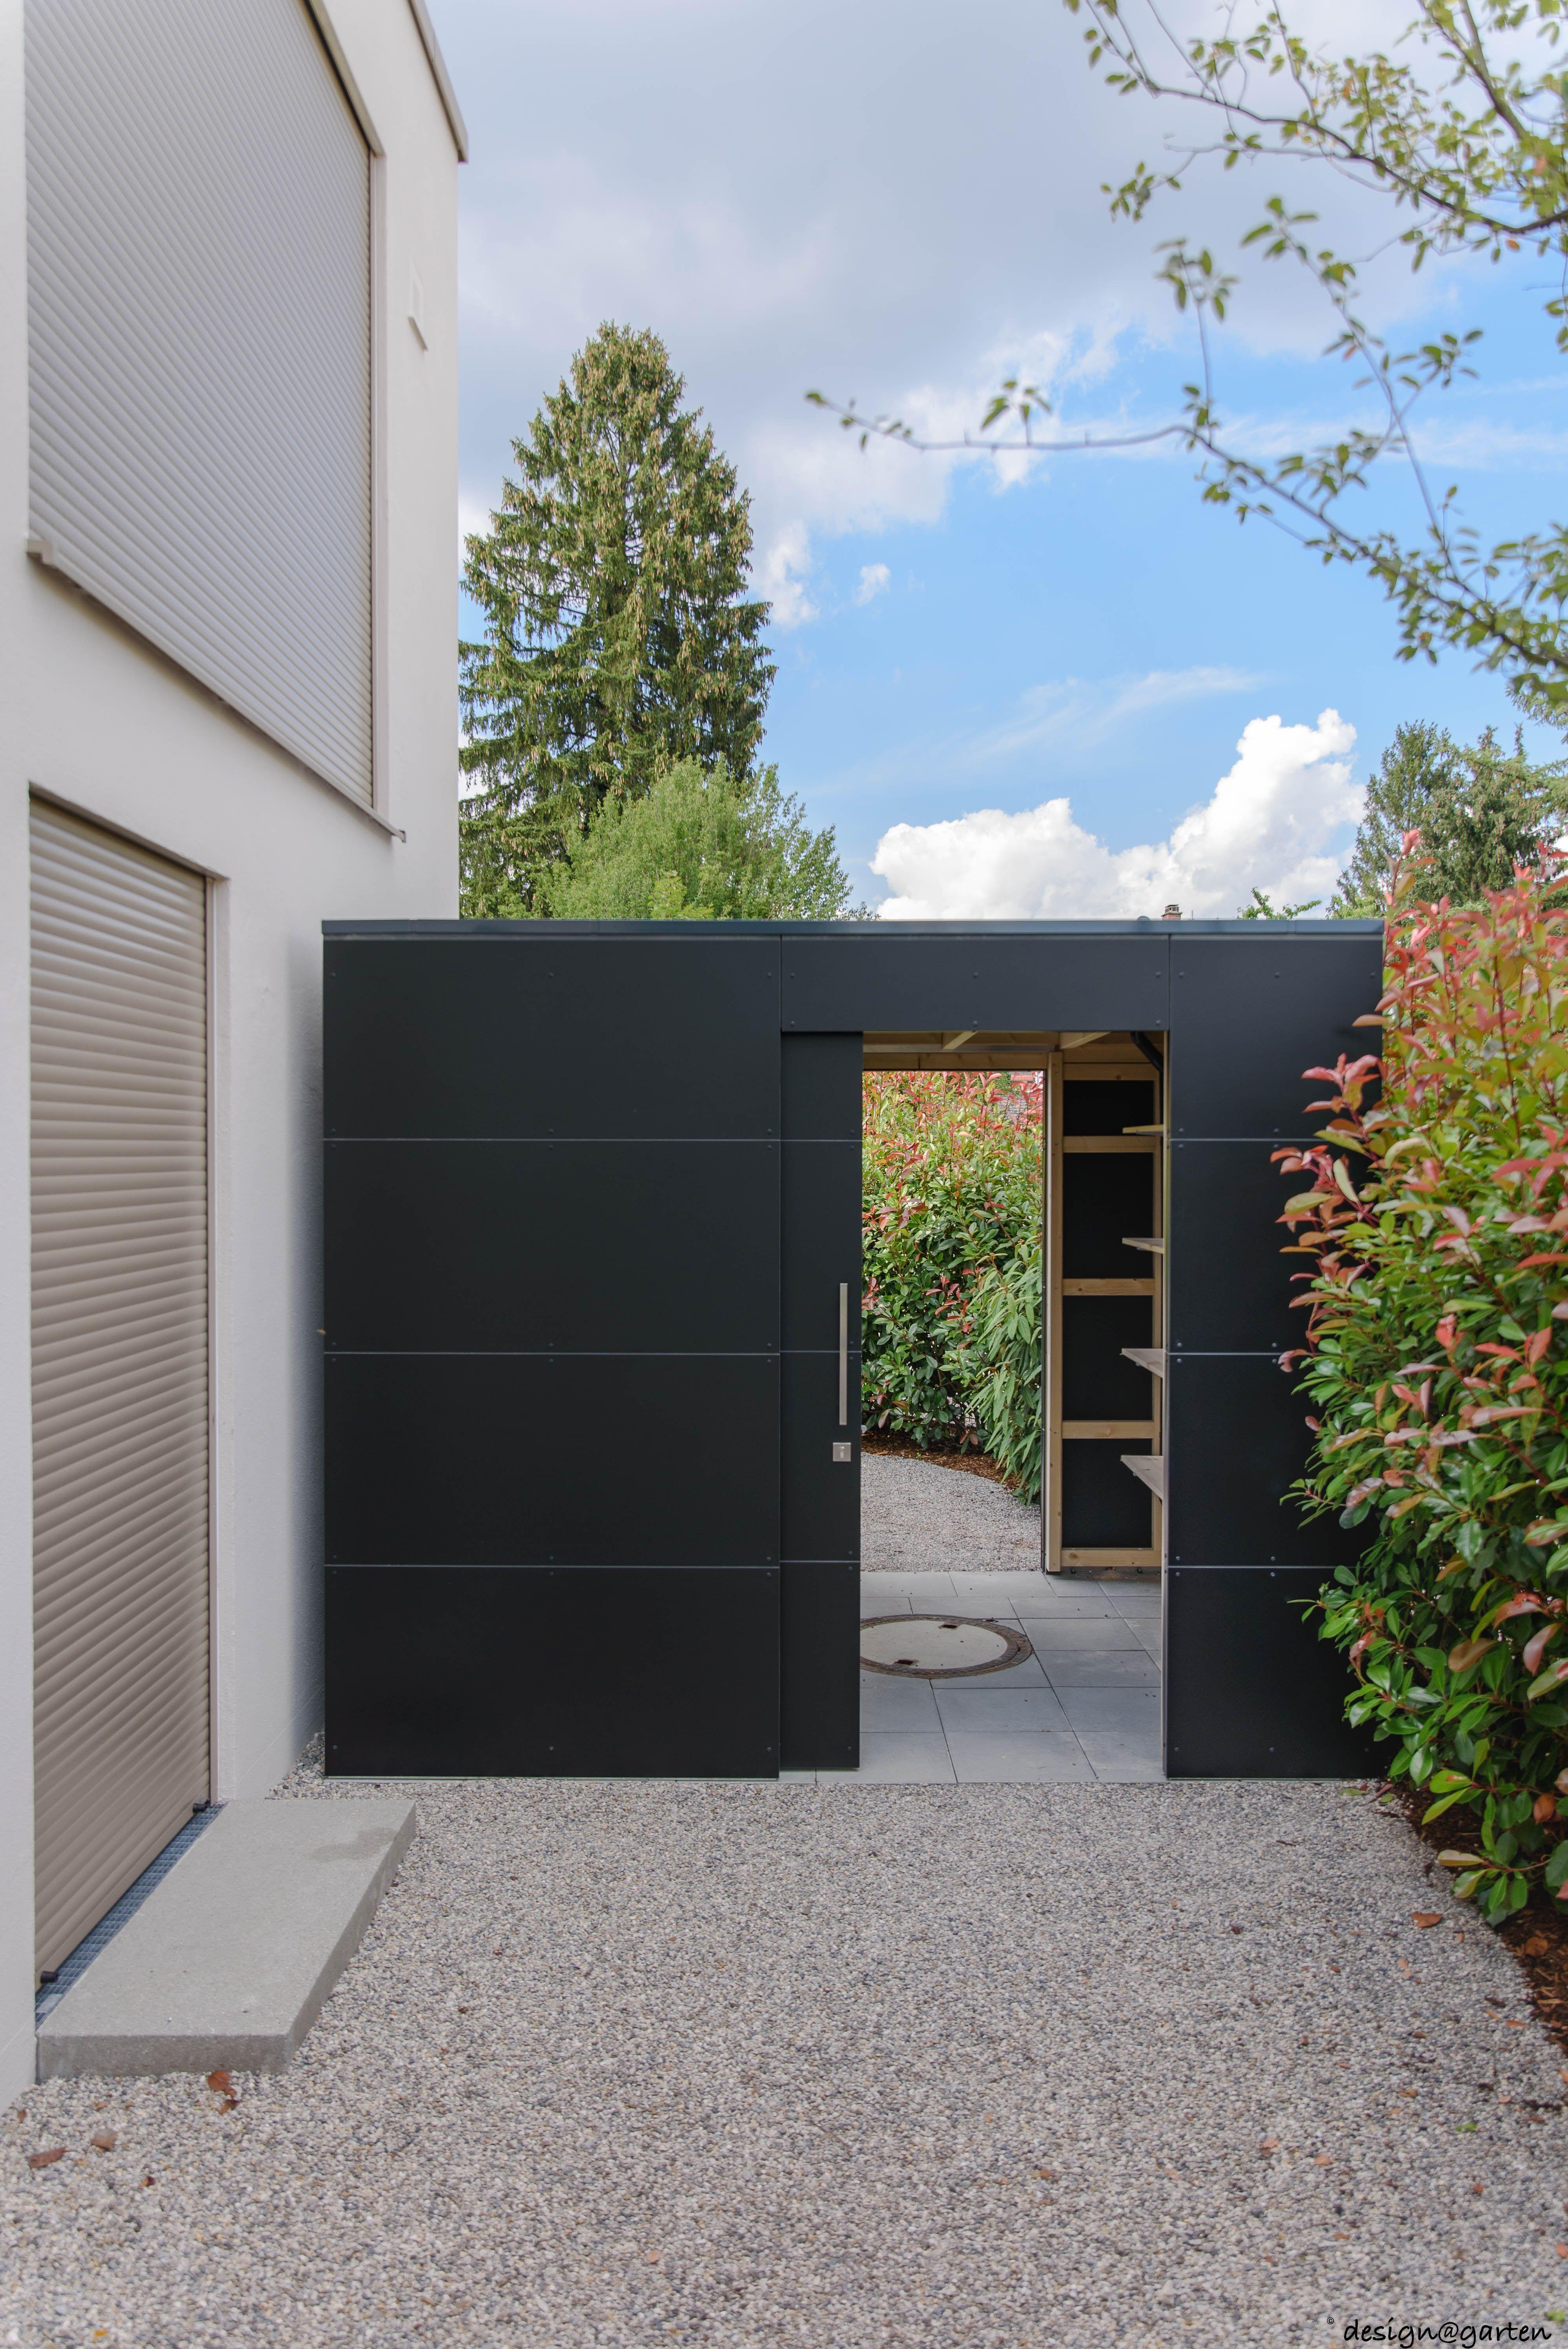 Designer Gartenhaus Black Box Gart In Munchen By Design Garten Augsburg Germany Uv Bestandig Niemals Streichen Gartenhau Garten Hinterhof Designs Und Garten Munchen